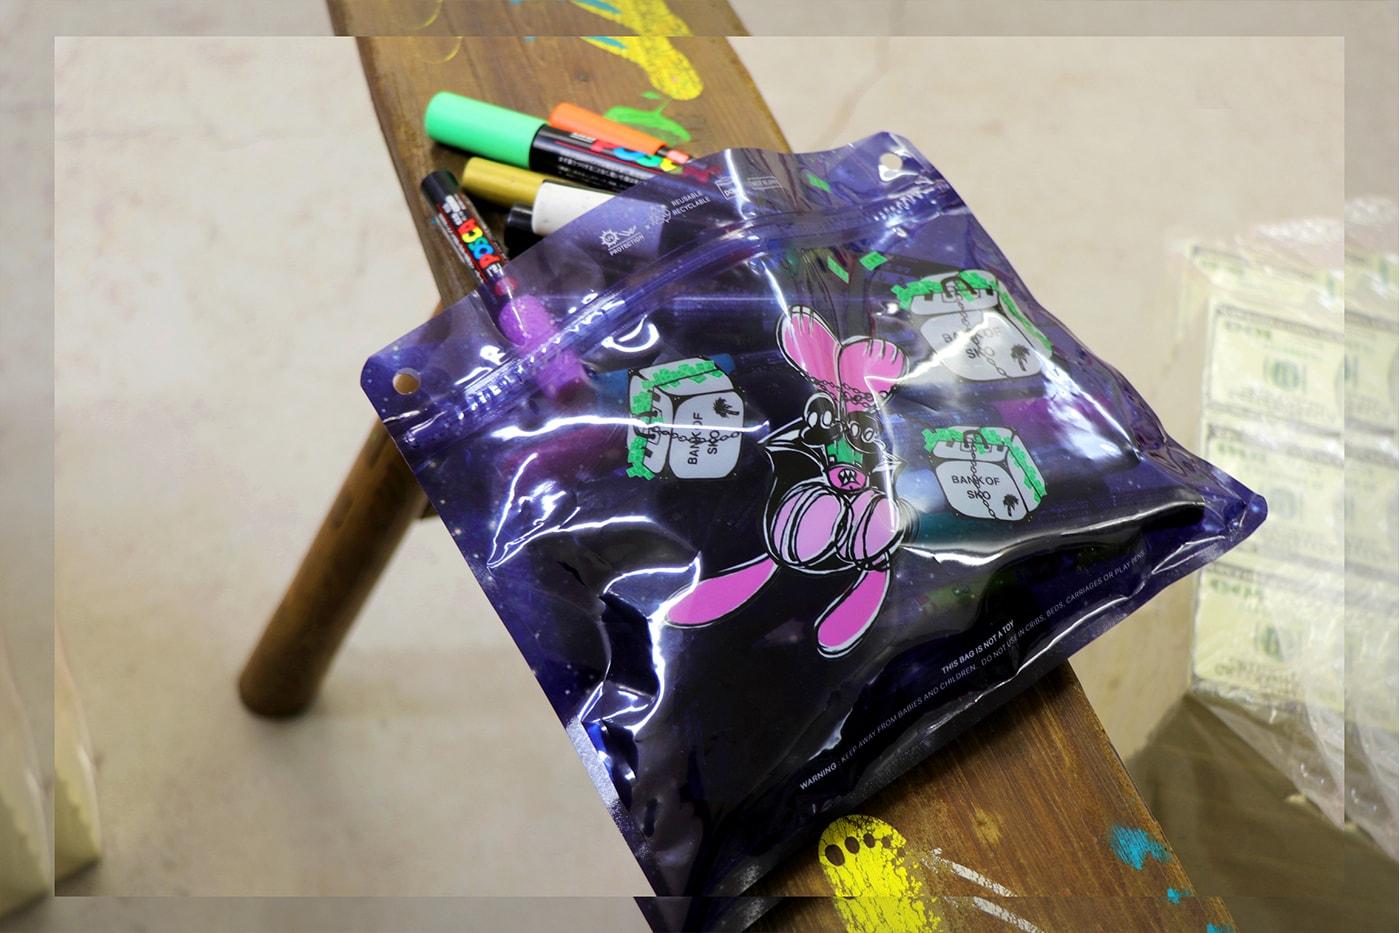 SKOLOCT Pake Release Info Japanese Zip Bag Isetan Shinjuku Harajuku